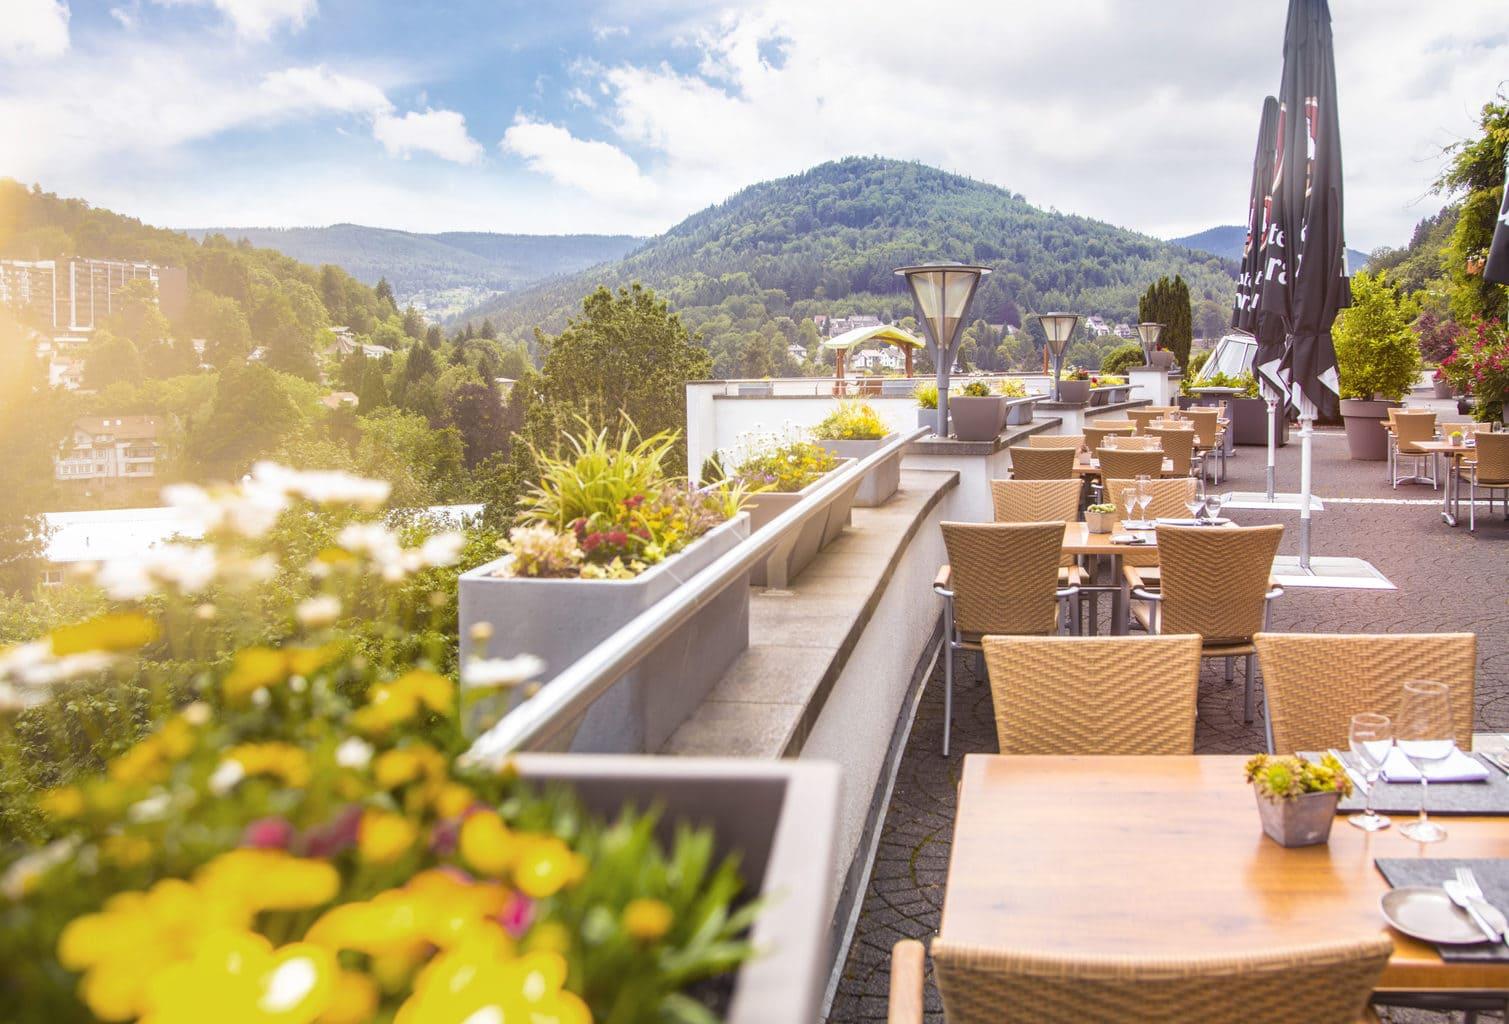 Op het balkon van Hotel Schwarzwald Panorama in Bad Herrenalb kun je smullen en in de verte kijken